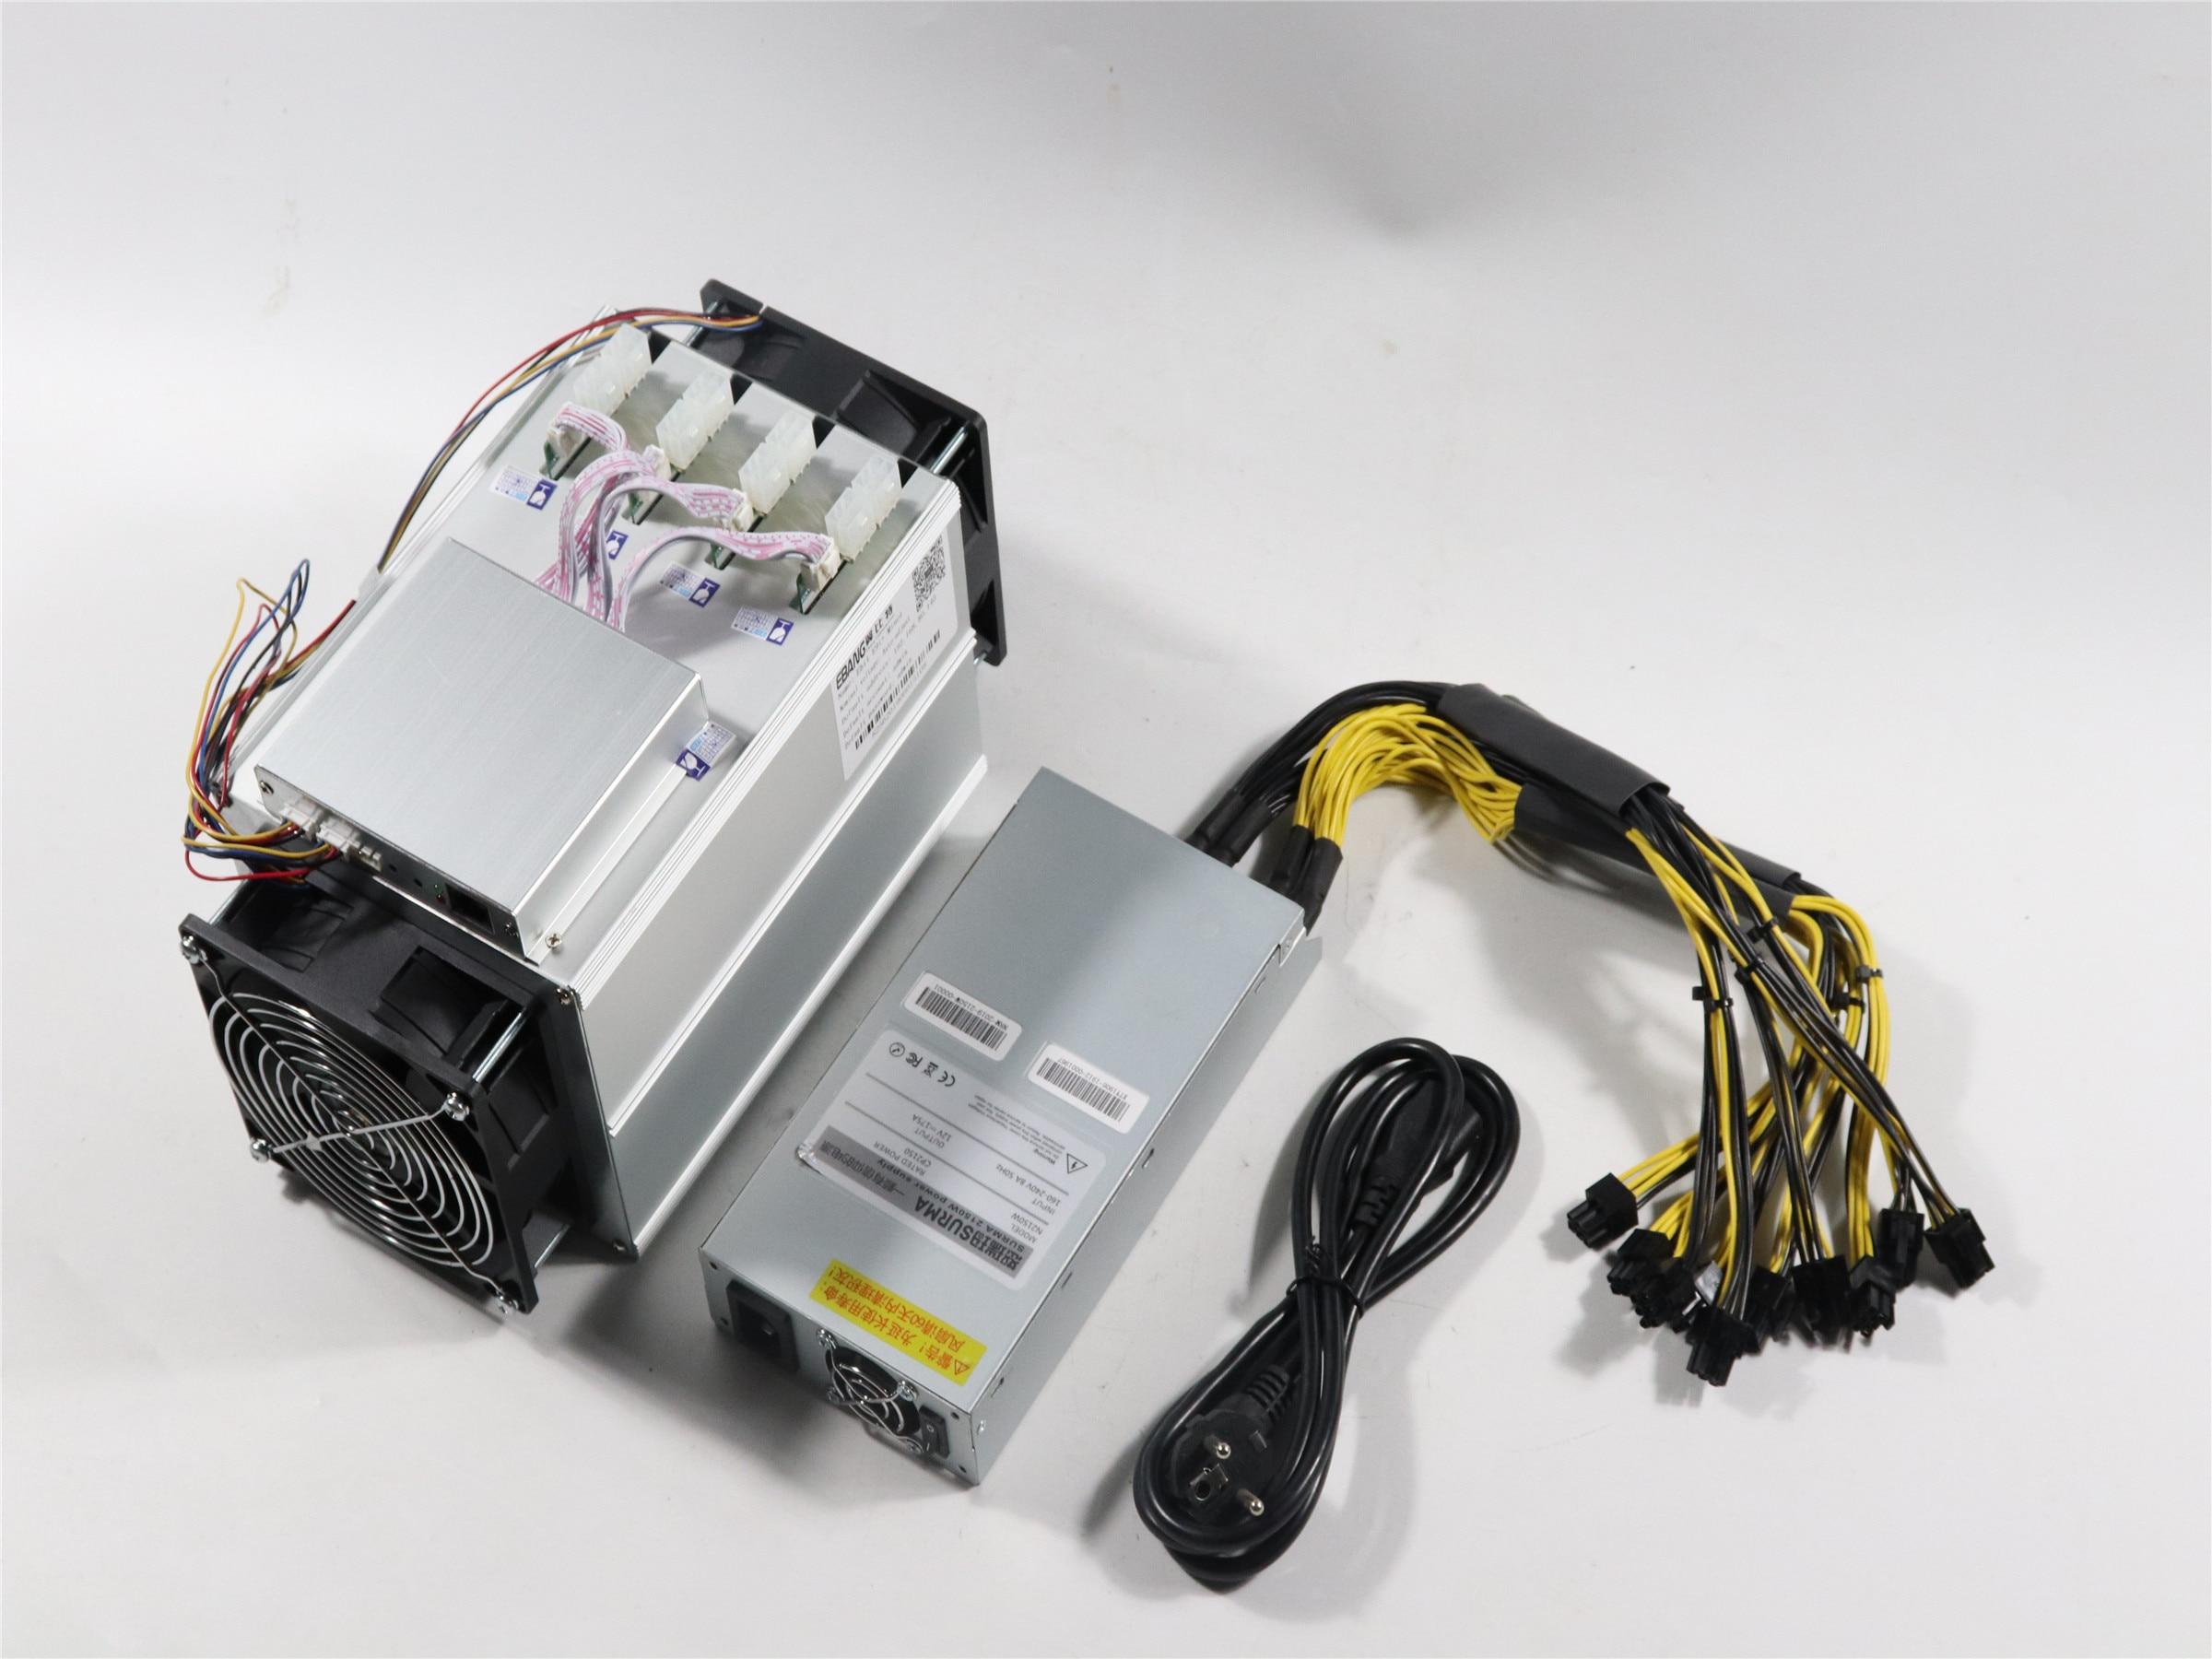 Usado BCH Btc Mineiro Ebit E9i 13.5t Com PSU Econômico Do Que Antminer S9 S9j T9 + S11 Z9 WhatsMiner m3